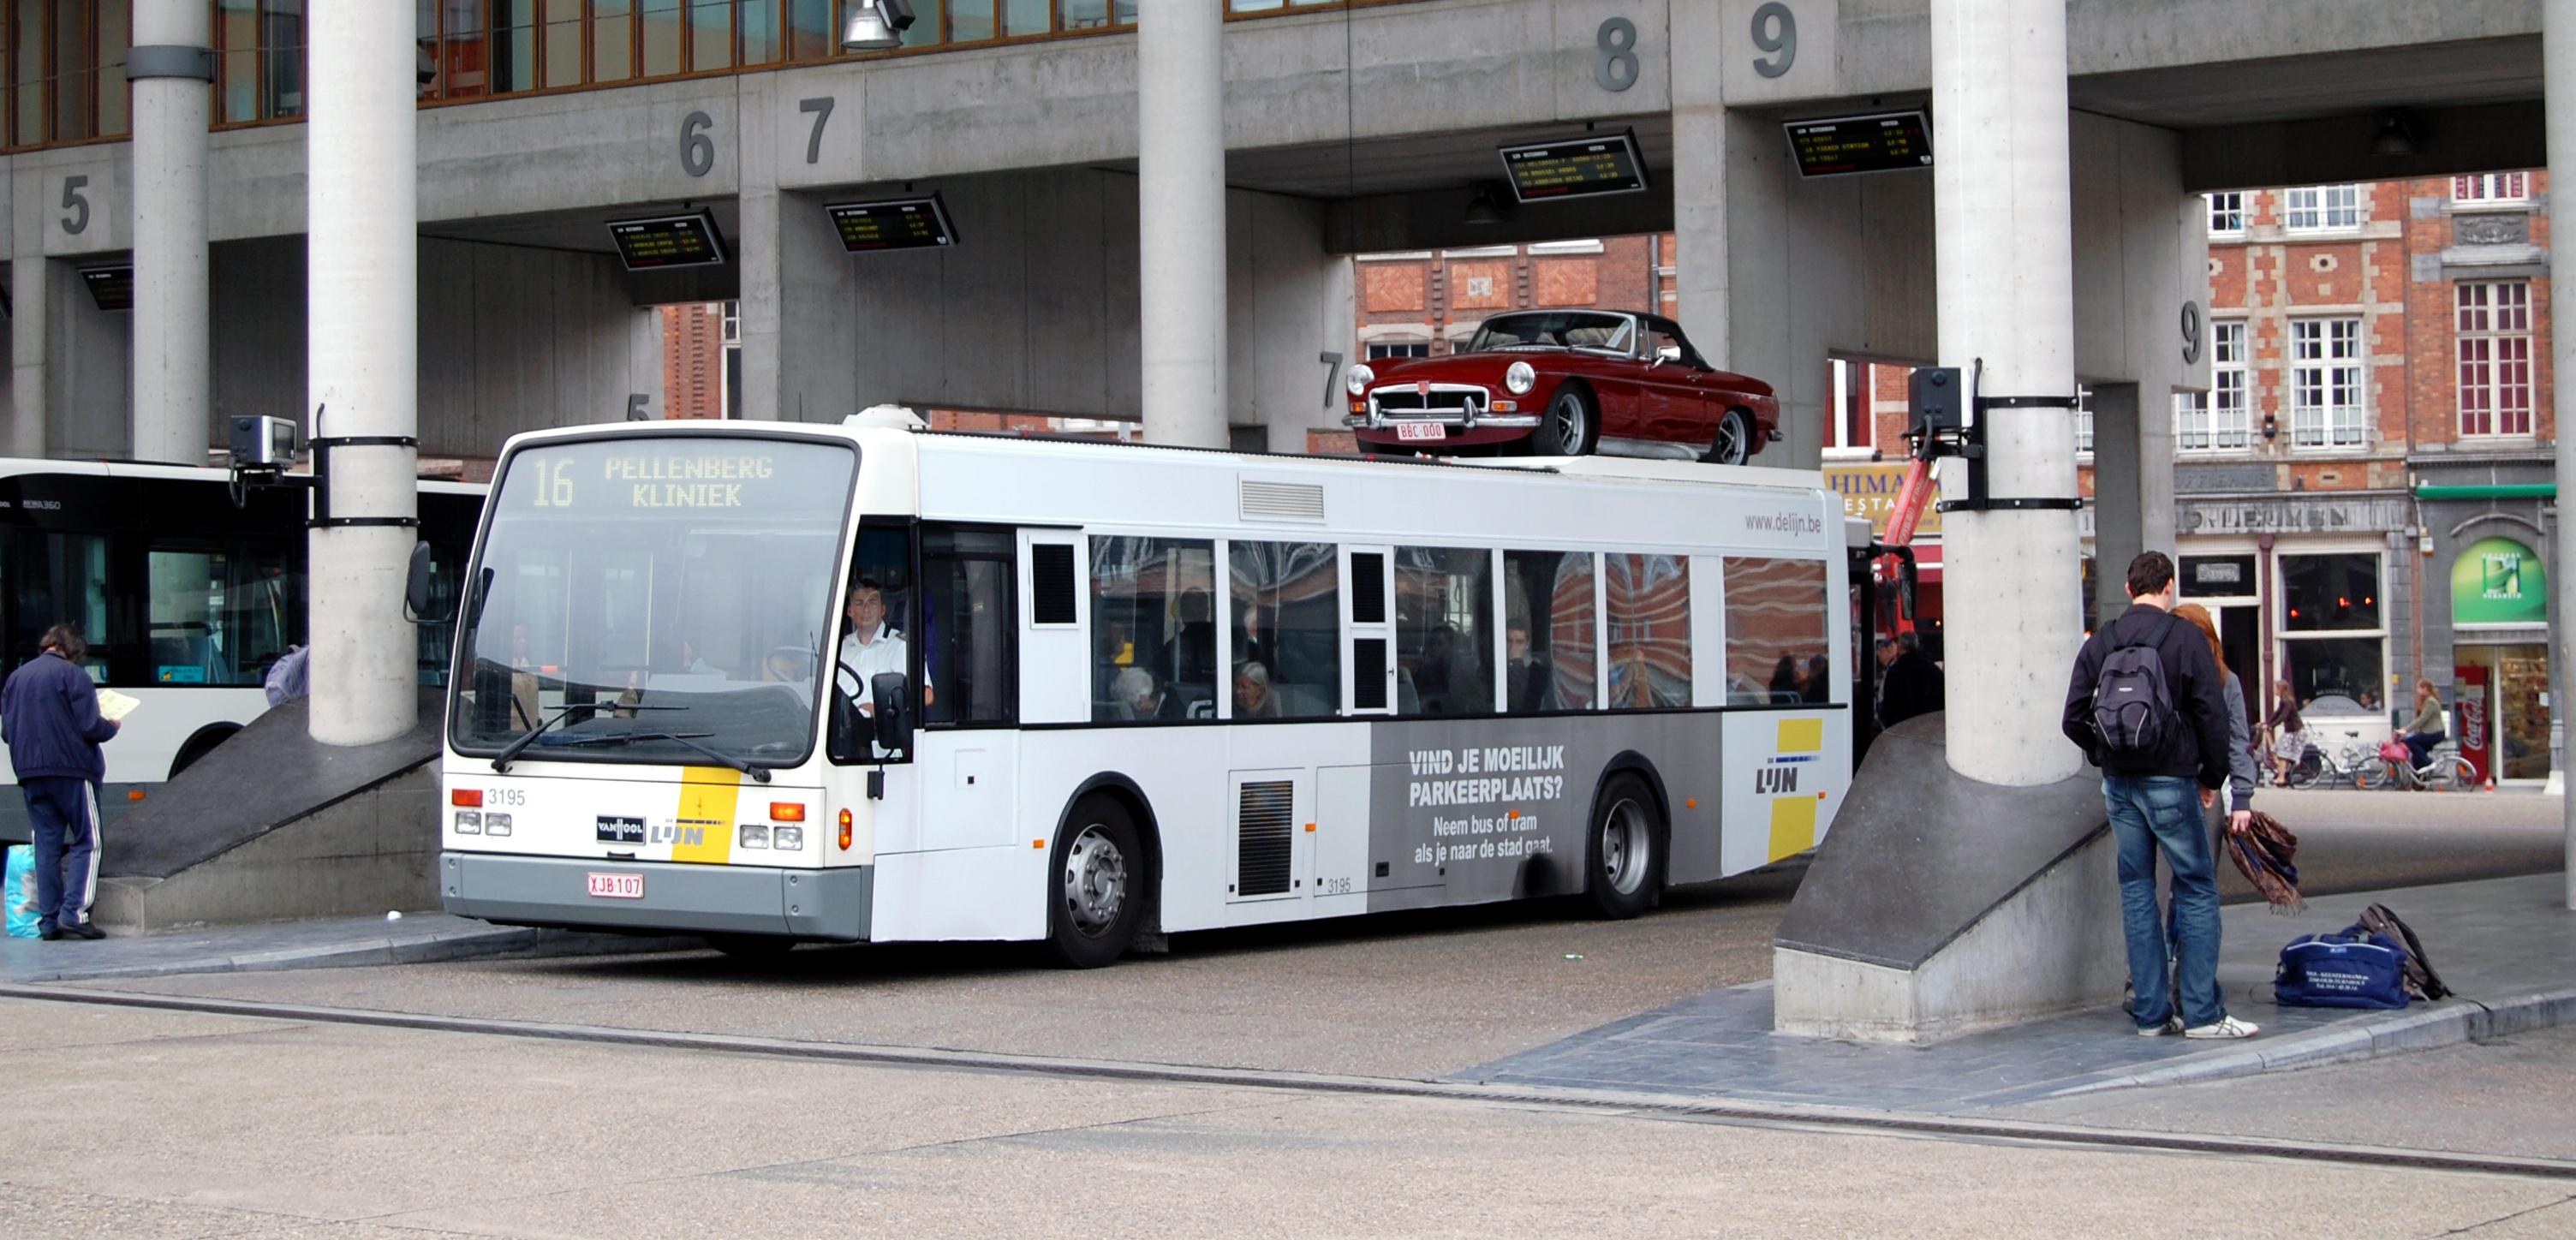 hoeveel stoelen heeft een bus